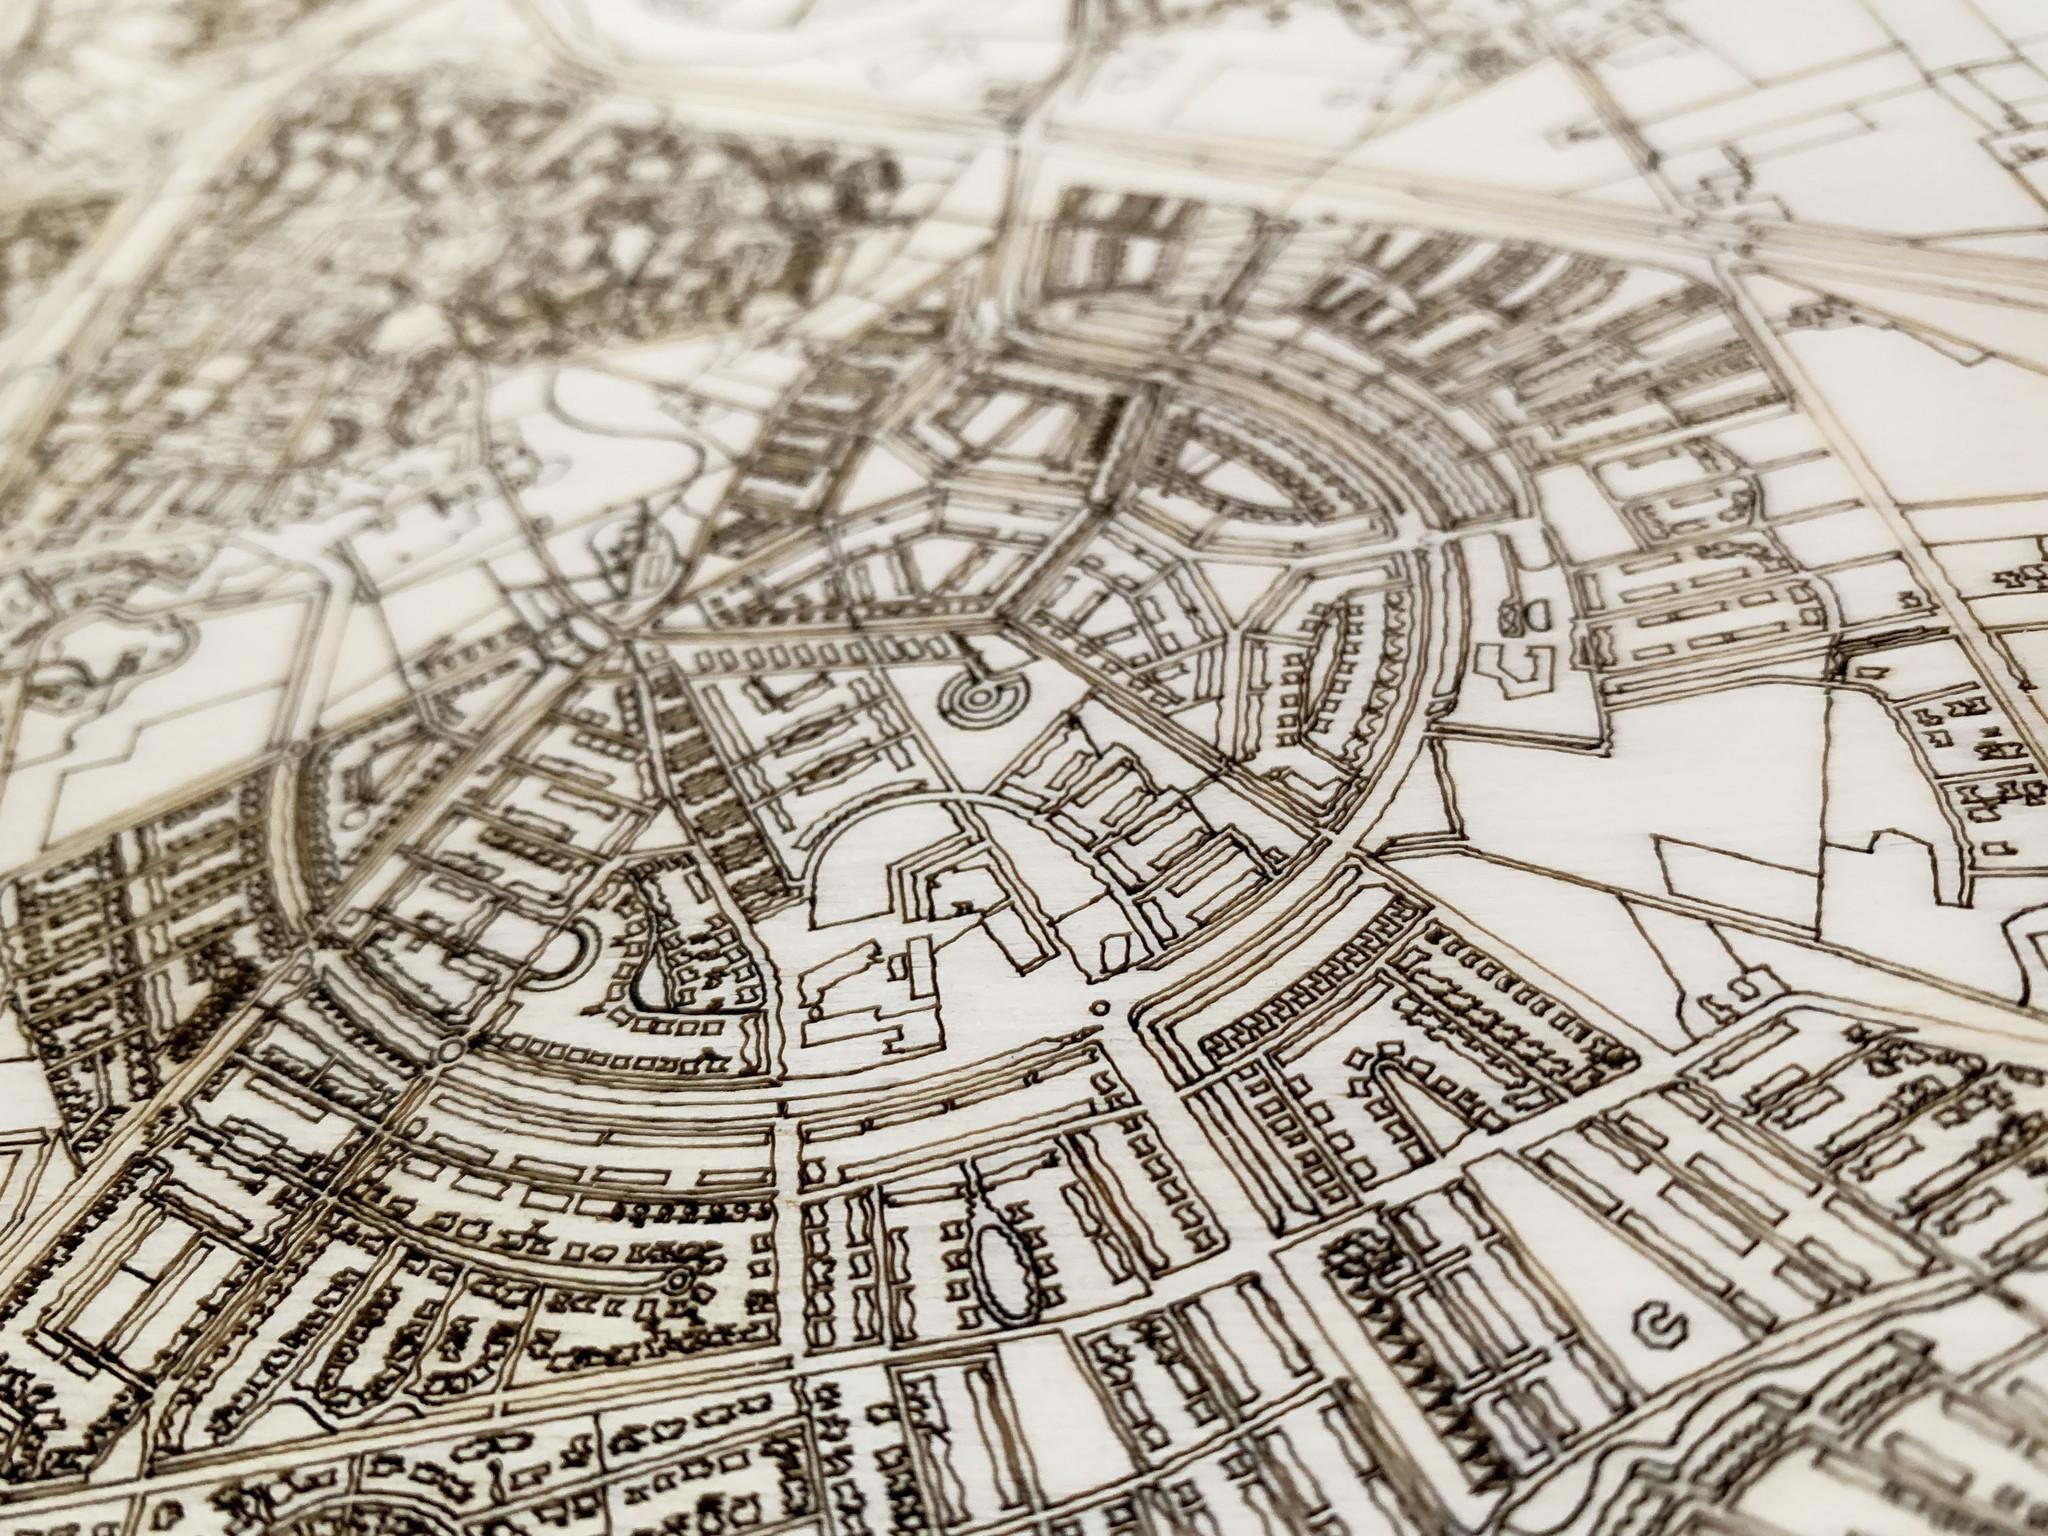 Houten stadsplattegrond Zwolle-4